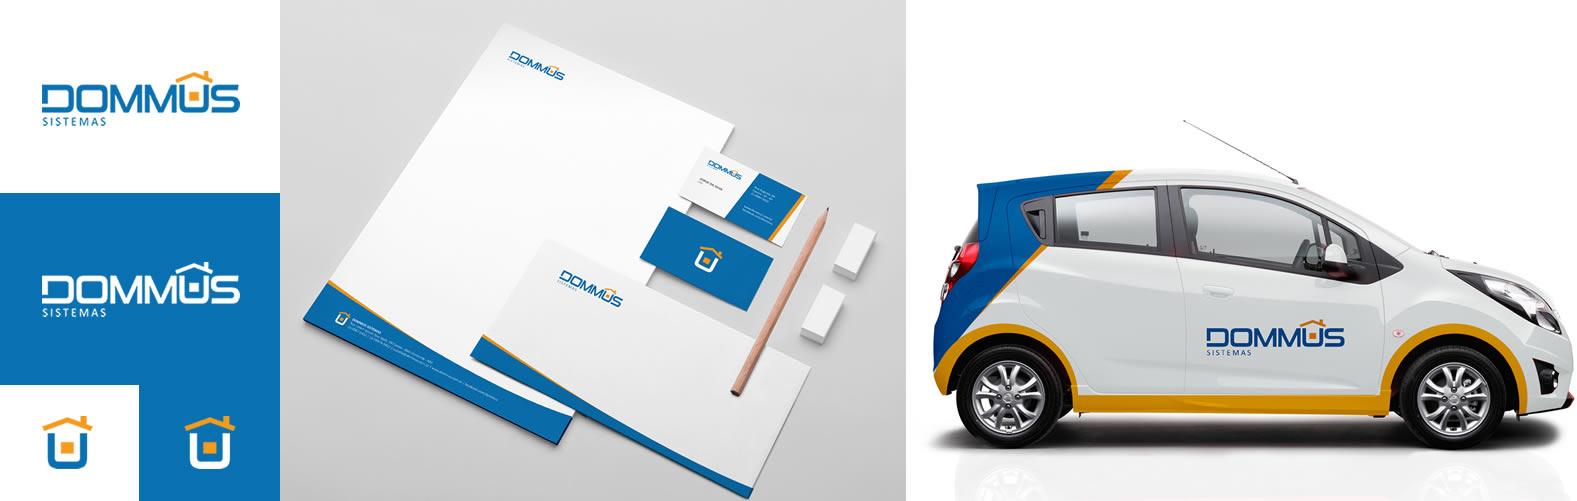 Projetos mais recentes Criação de logotipo e identidade visual para Dommus Sistemas, empresa mineira especializada em soluções e sistemas de gestão para construtoras e incorporadoras.